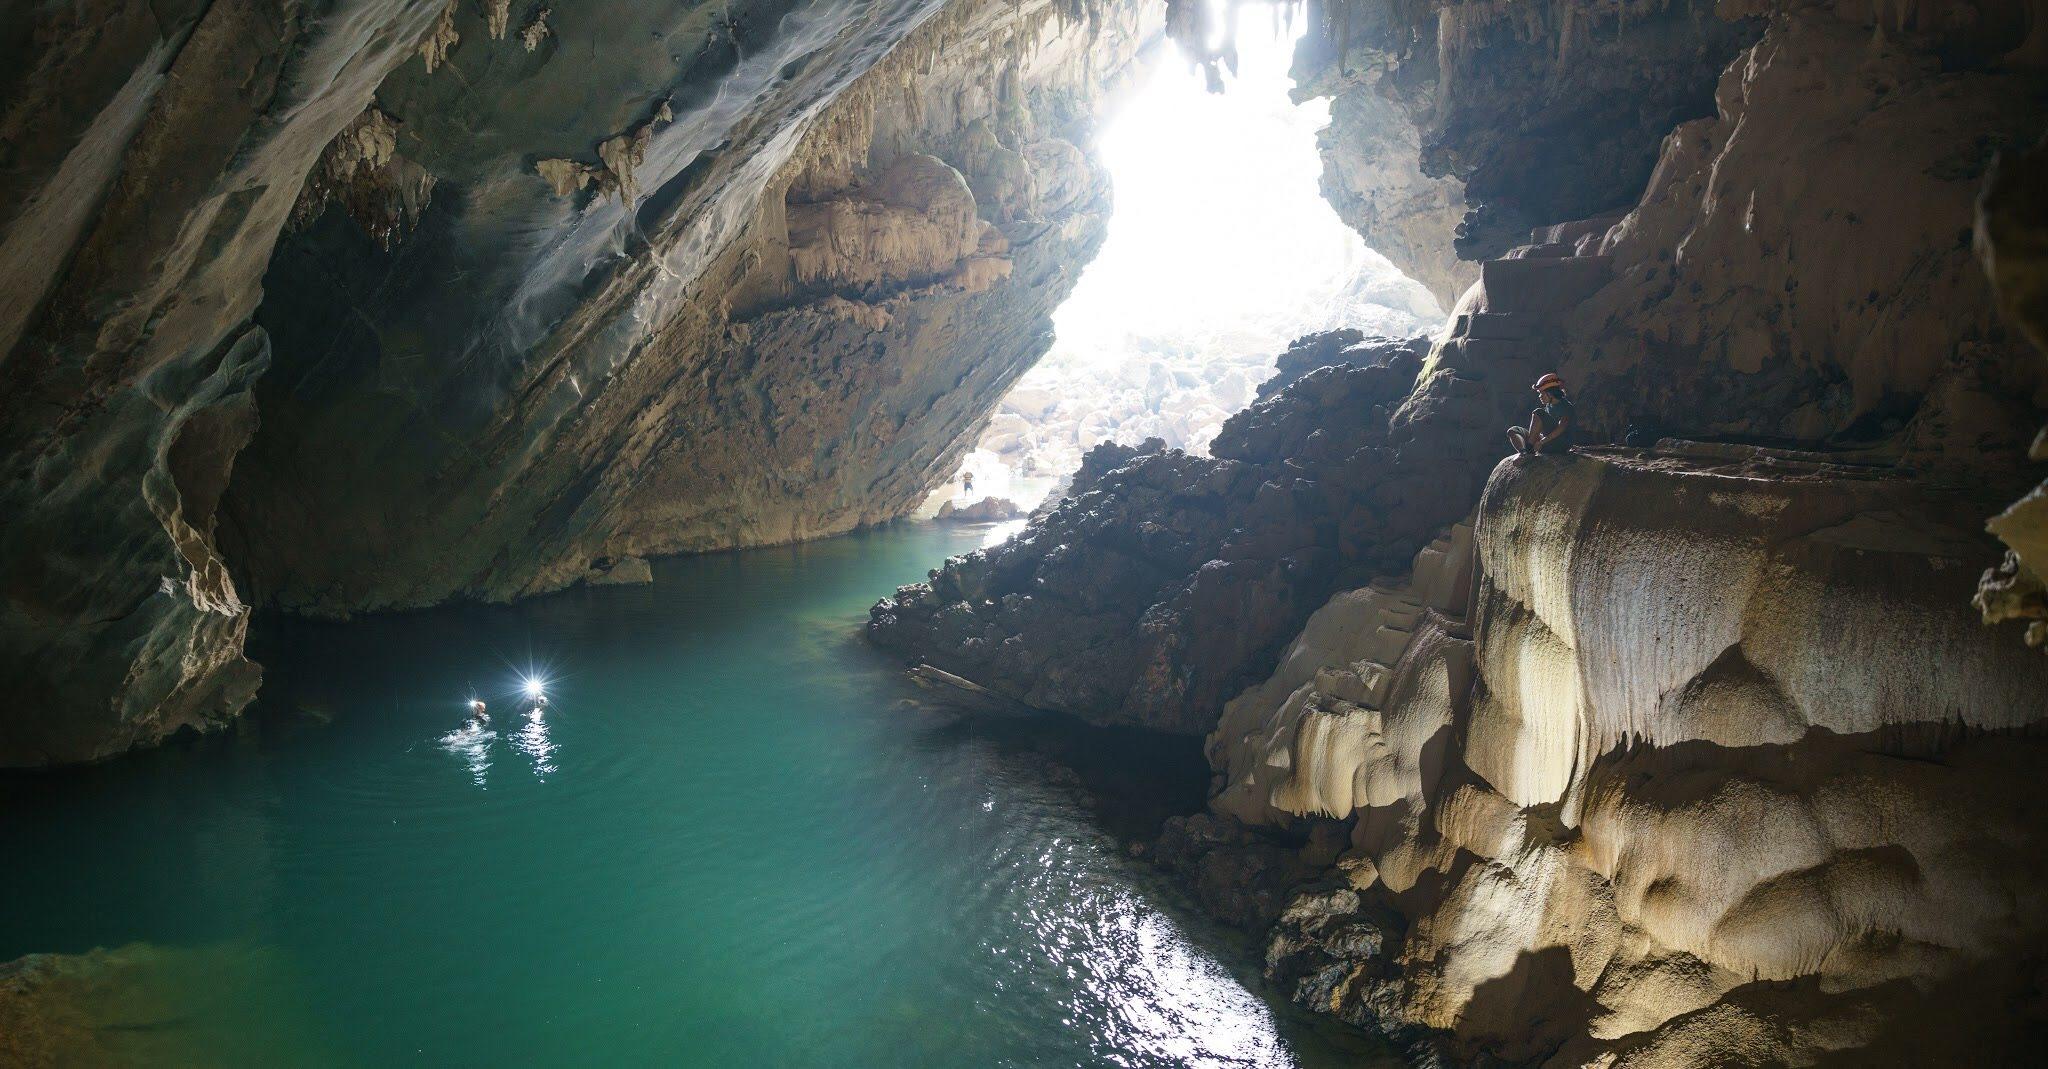 Tra ang cave